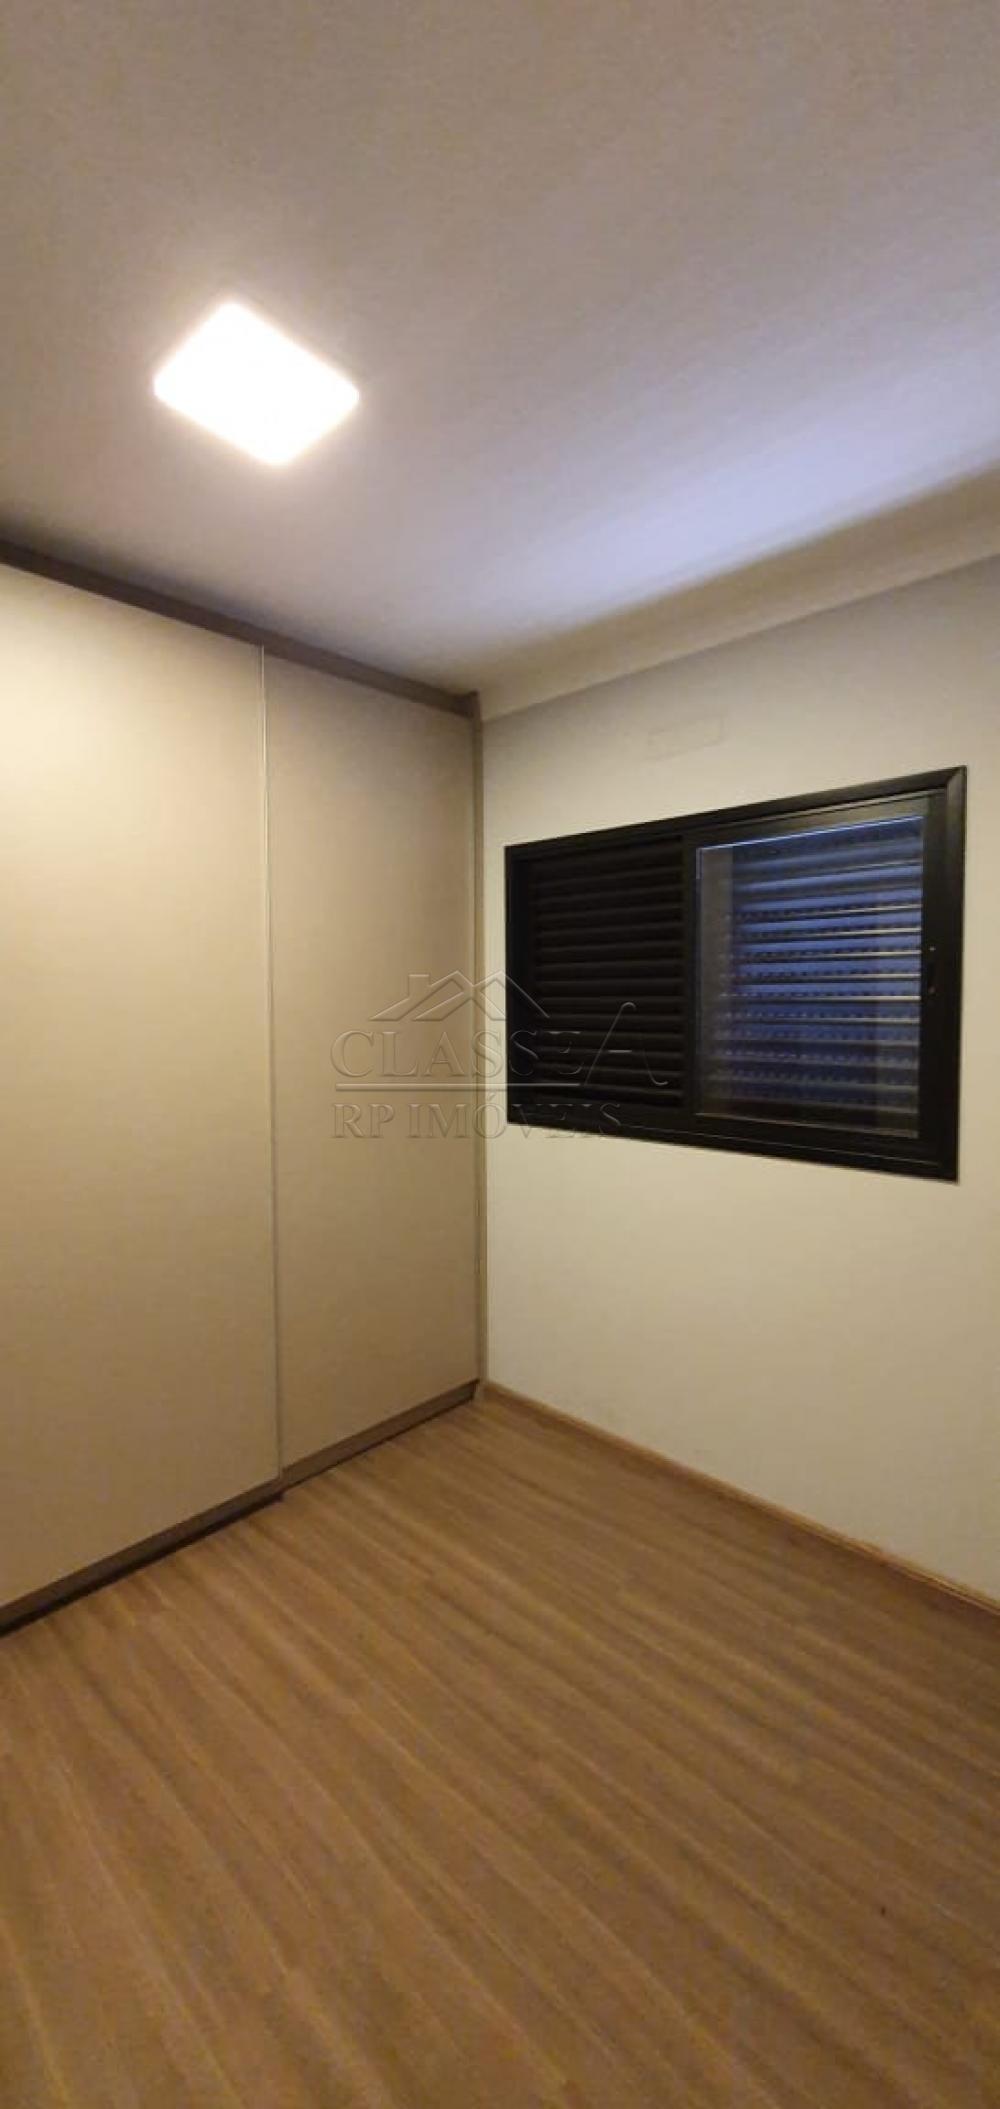 Comprar Casa / Condomínio - térrea em Ribeirão Preto R$ 790.000,00 - Foto 23